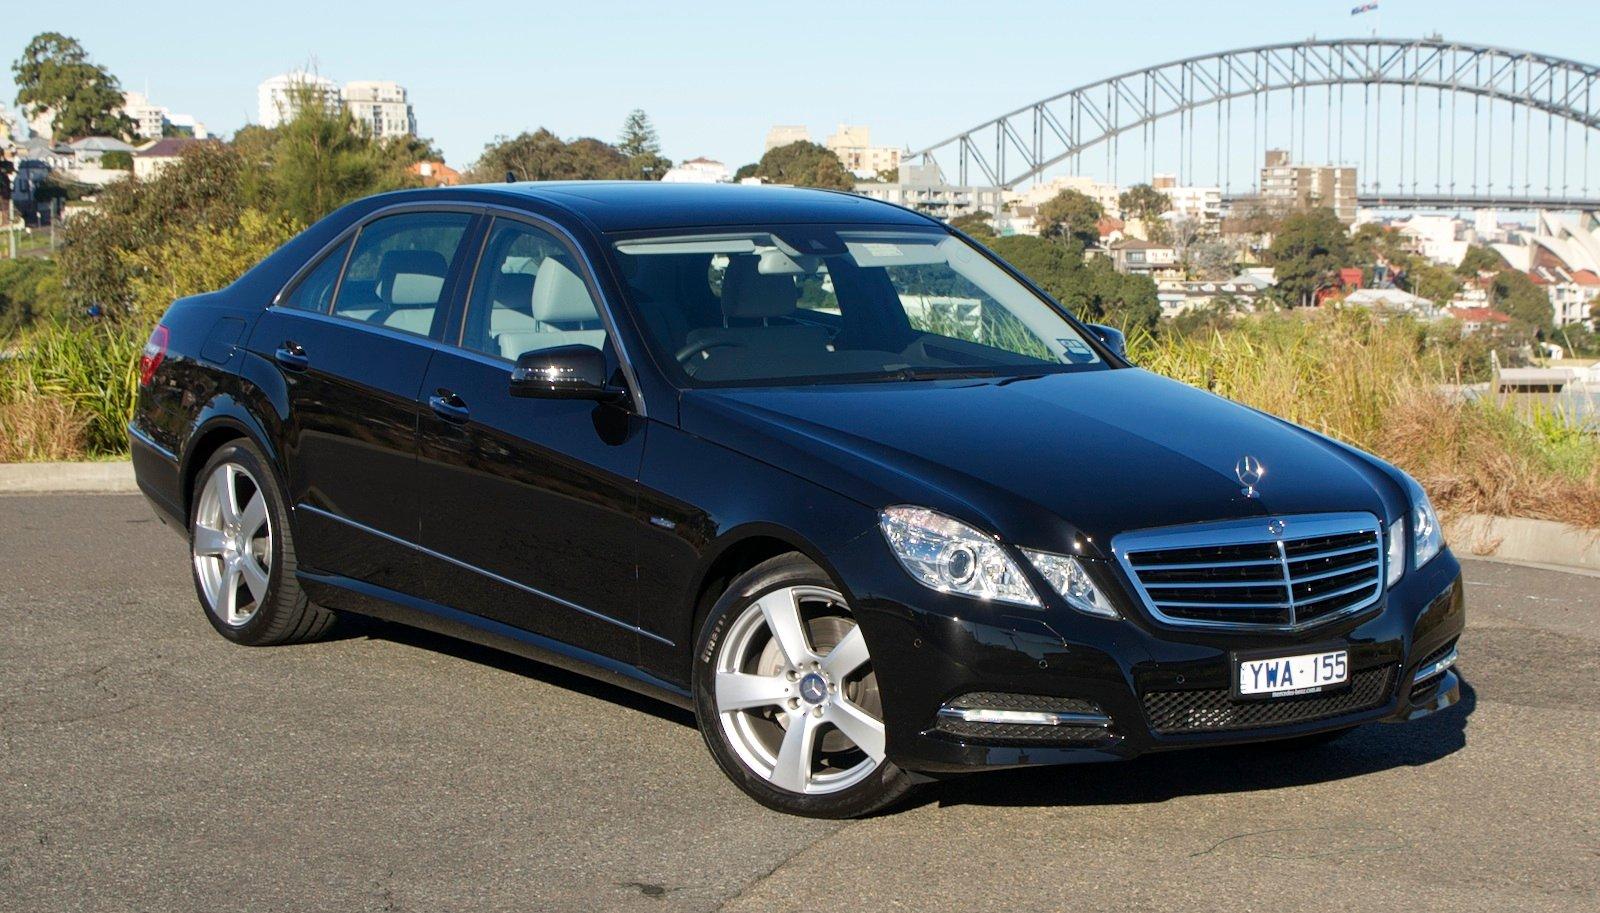 Mercedes benz e class review farewell long term report for Mercedes benz e class review